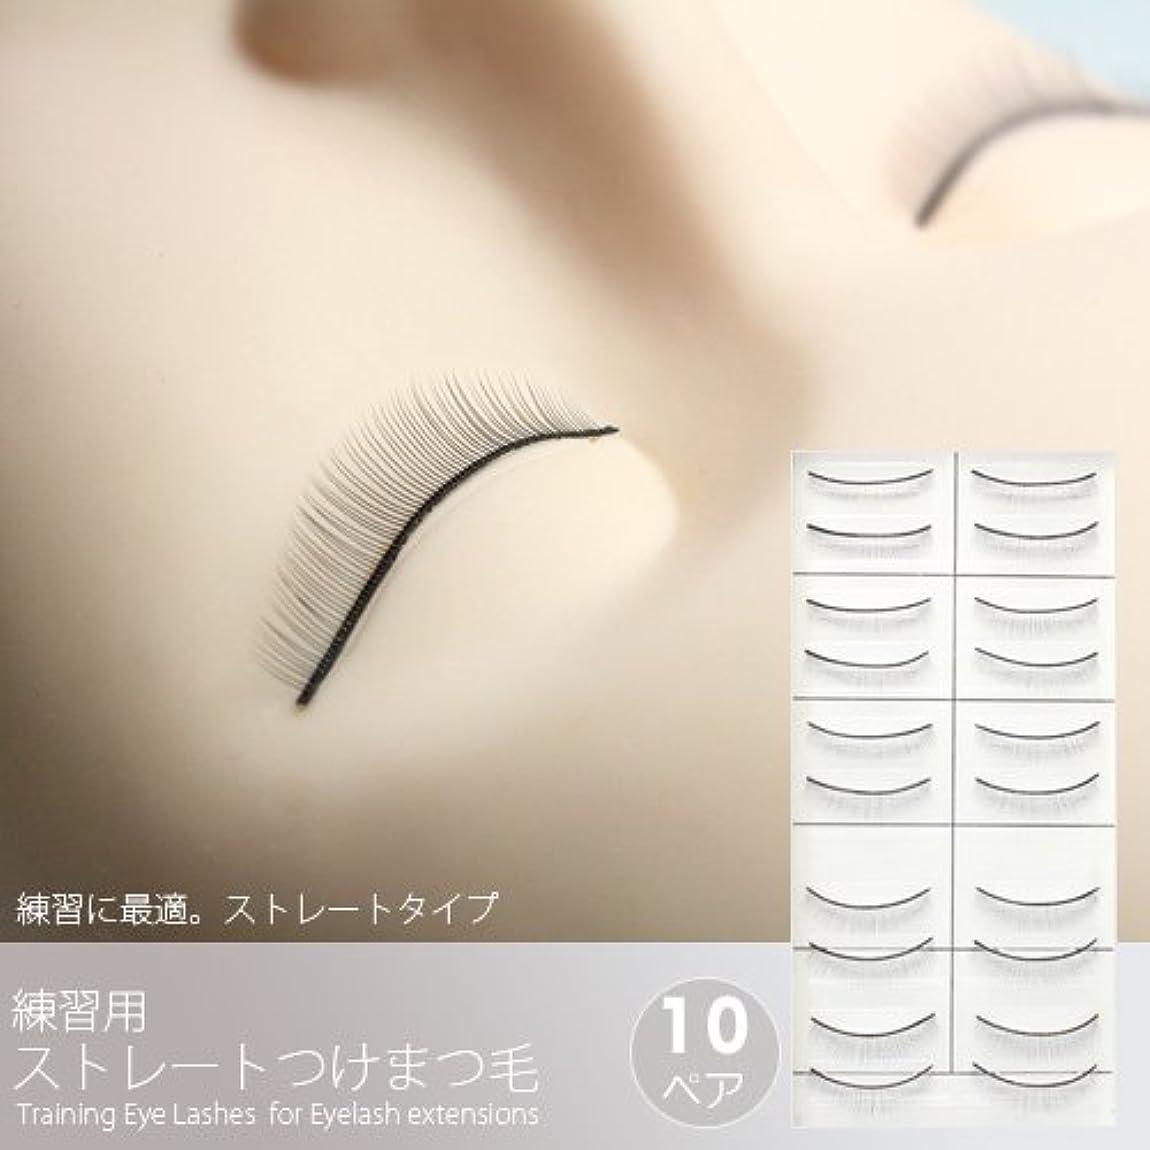 パイルどんよりしたマート練習用ストレートつけまつげ(10ペア)[Training Eye Lashes ]/まつ毛エクステ商材